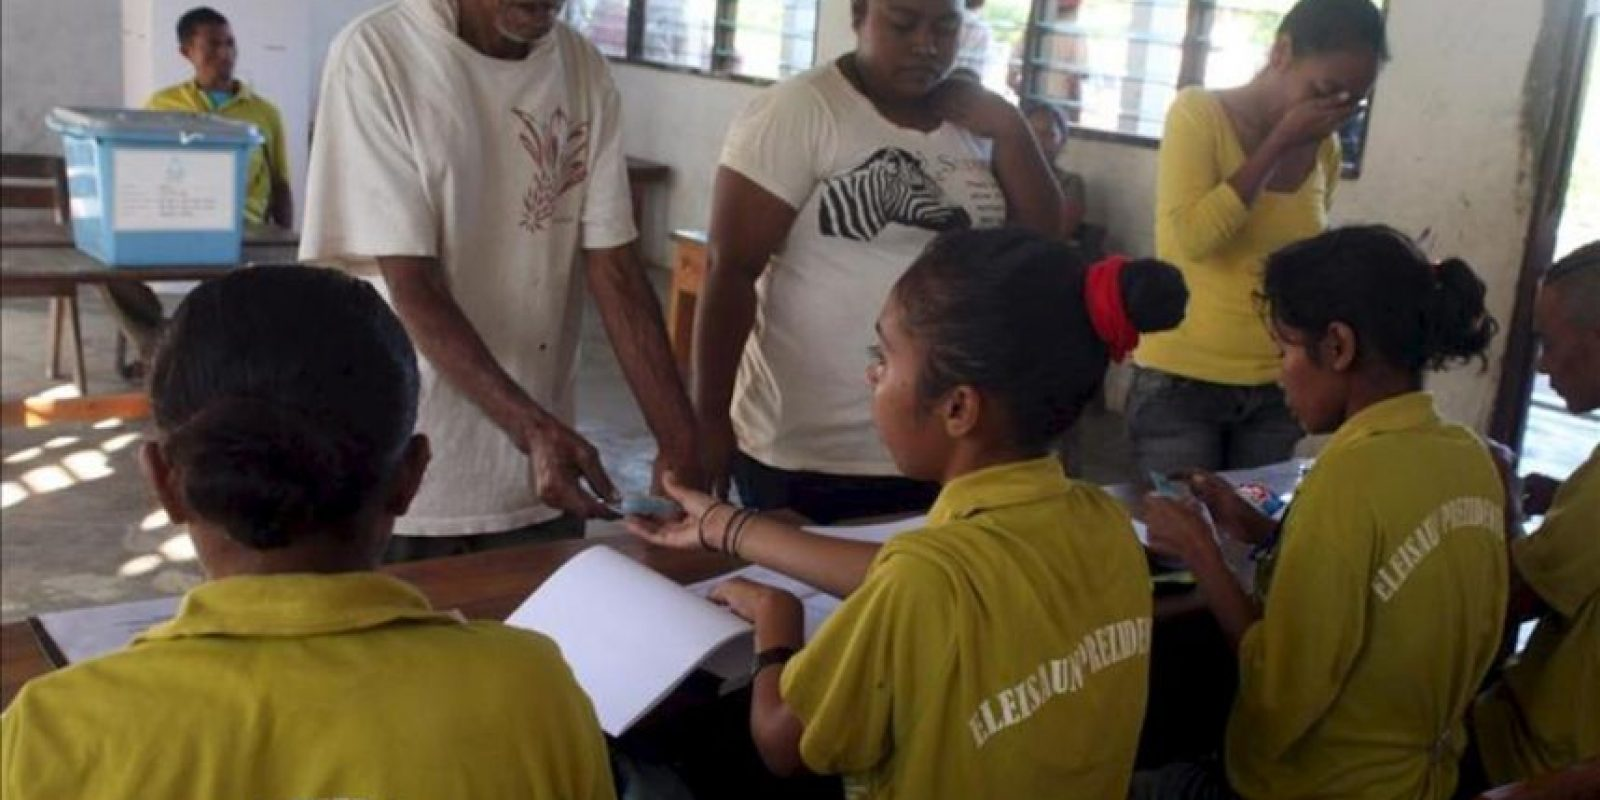 Varias personas se registran para votar, este lunes 16 de abril de 2012, en Dili, Timor Oriental. Los colegios electorales de Timor Oriental abrieron para elegir, en segunda vuelta, al nuevo presidente de esta joven nación. EFE